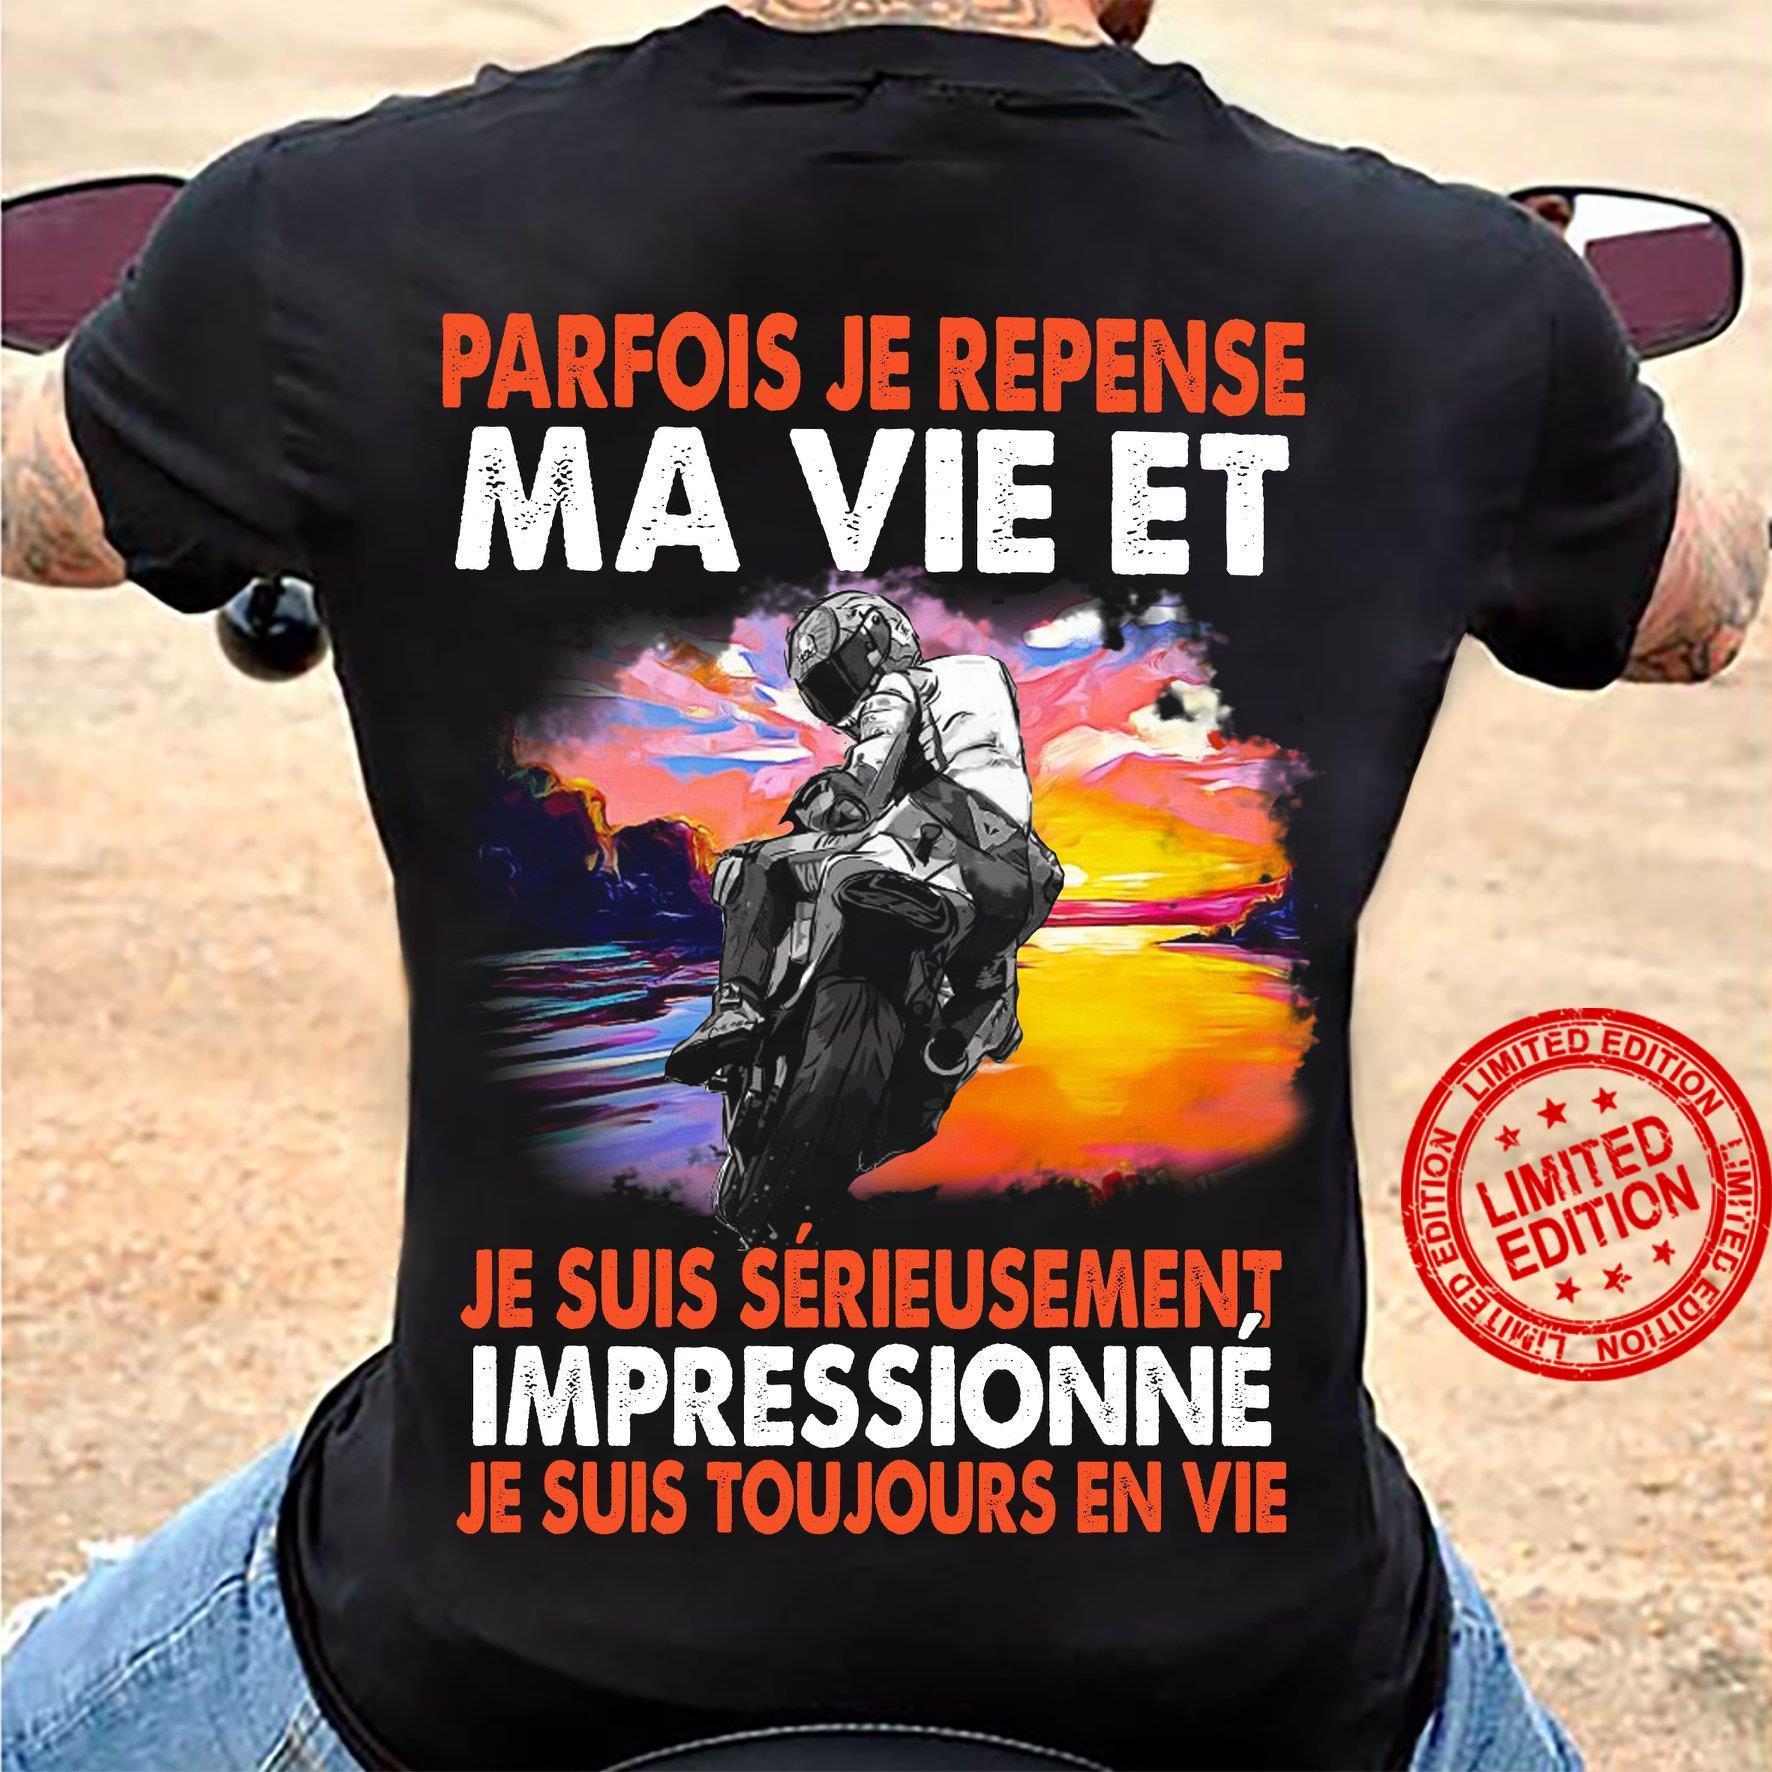 Parfois Je Repense Ma Vie Et Je Suis Serieusement Impressionne Je Suis Toujours En Vie Shirt